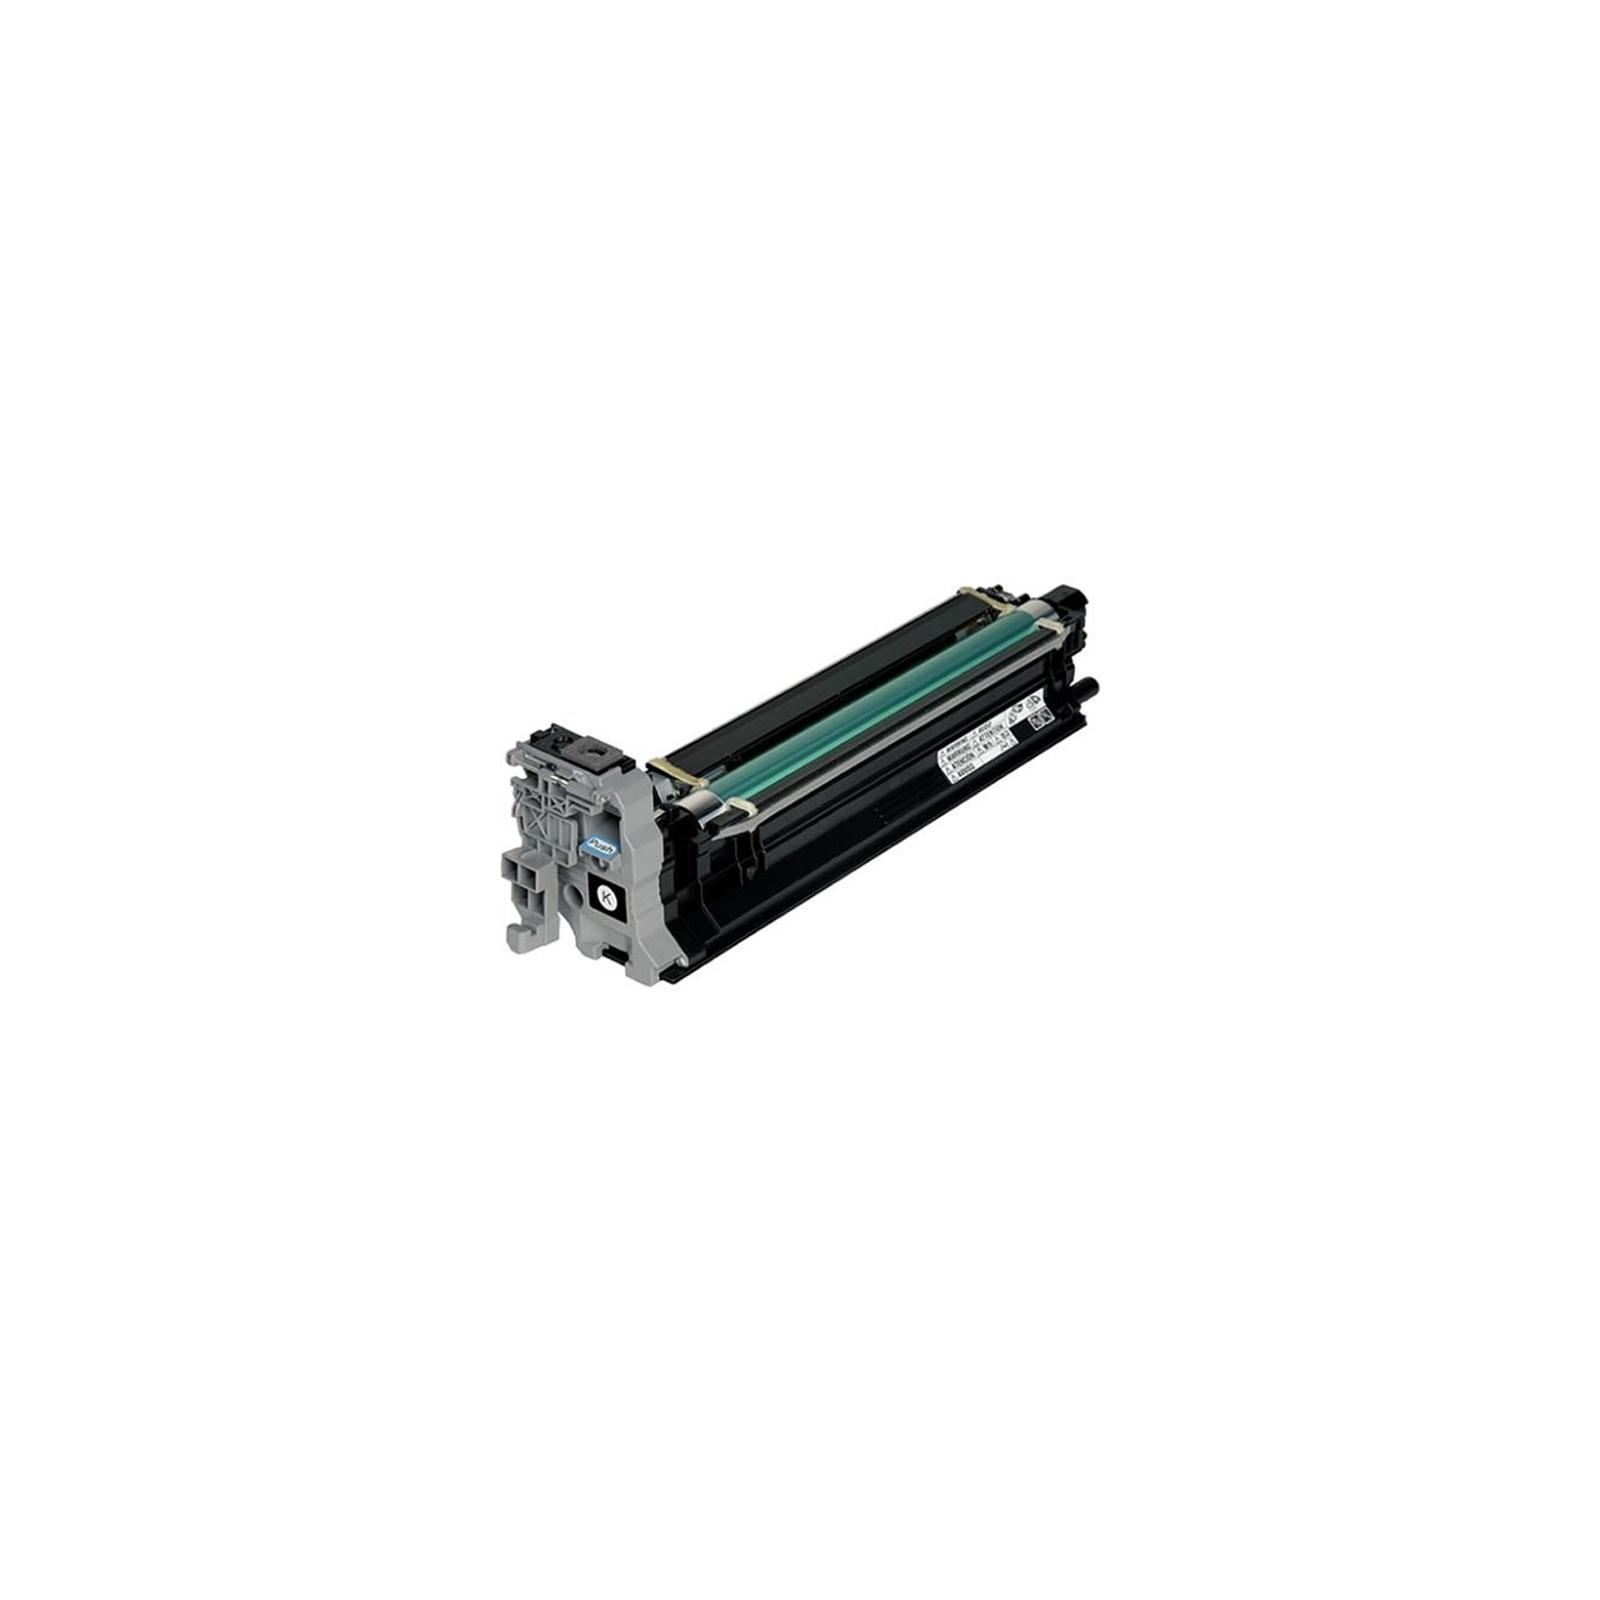 Модуль формирования изображения KONICA MINOLTA MC46x/55x print unit black (30K) (A03100H) изображение 2